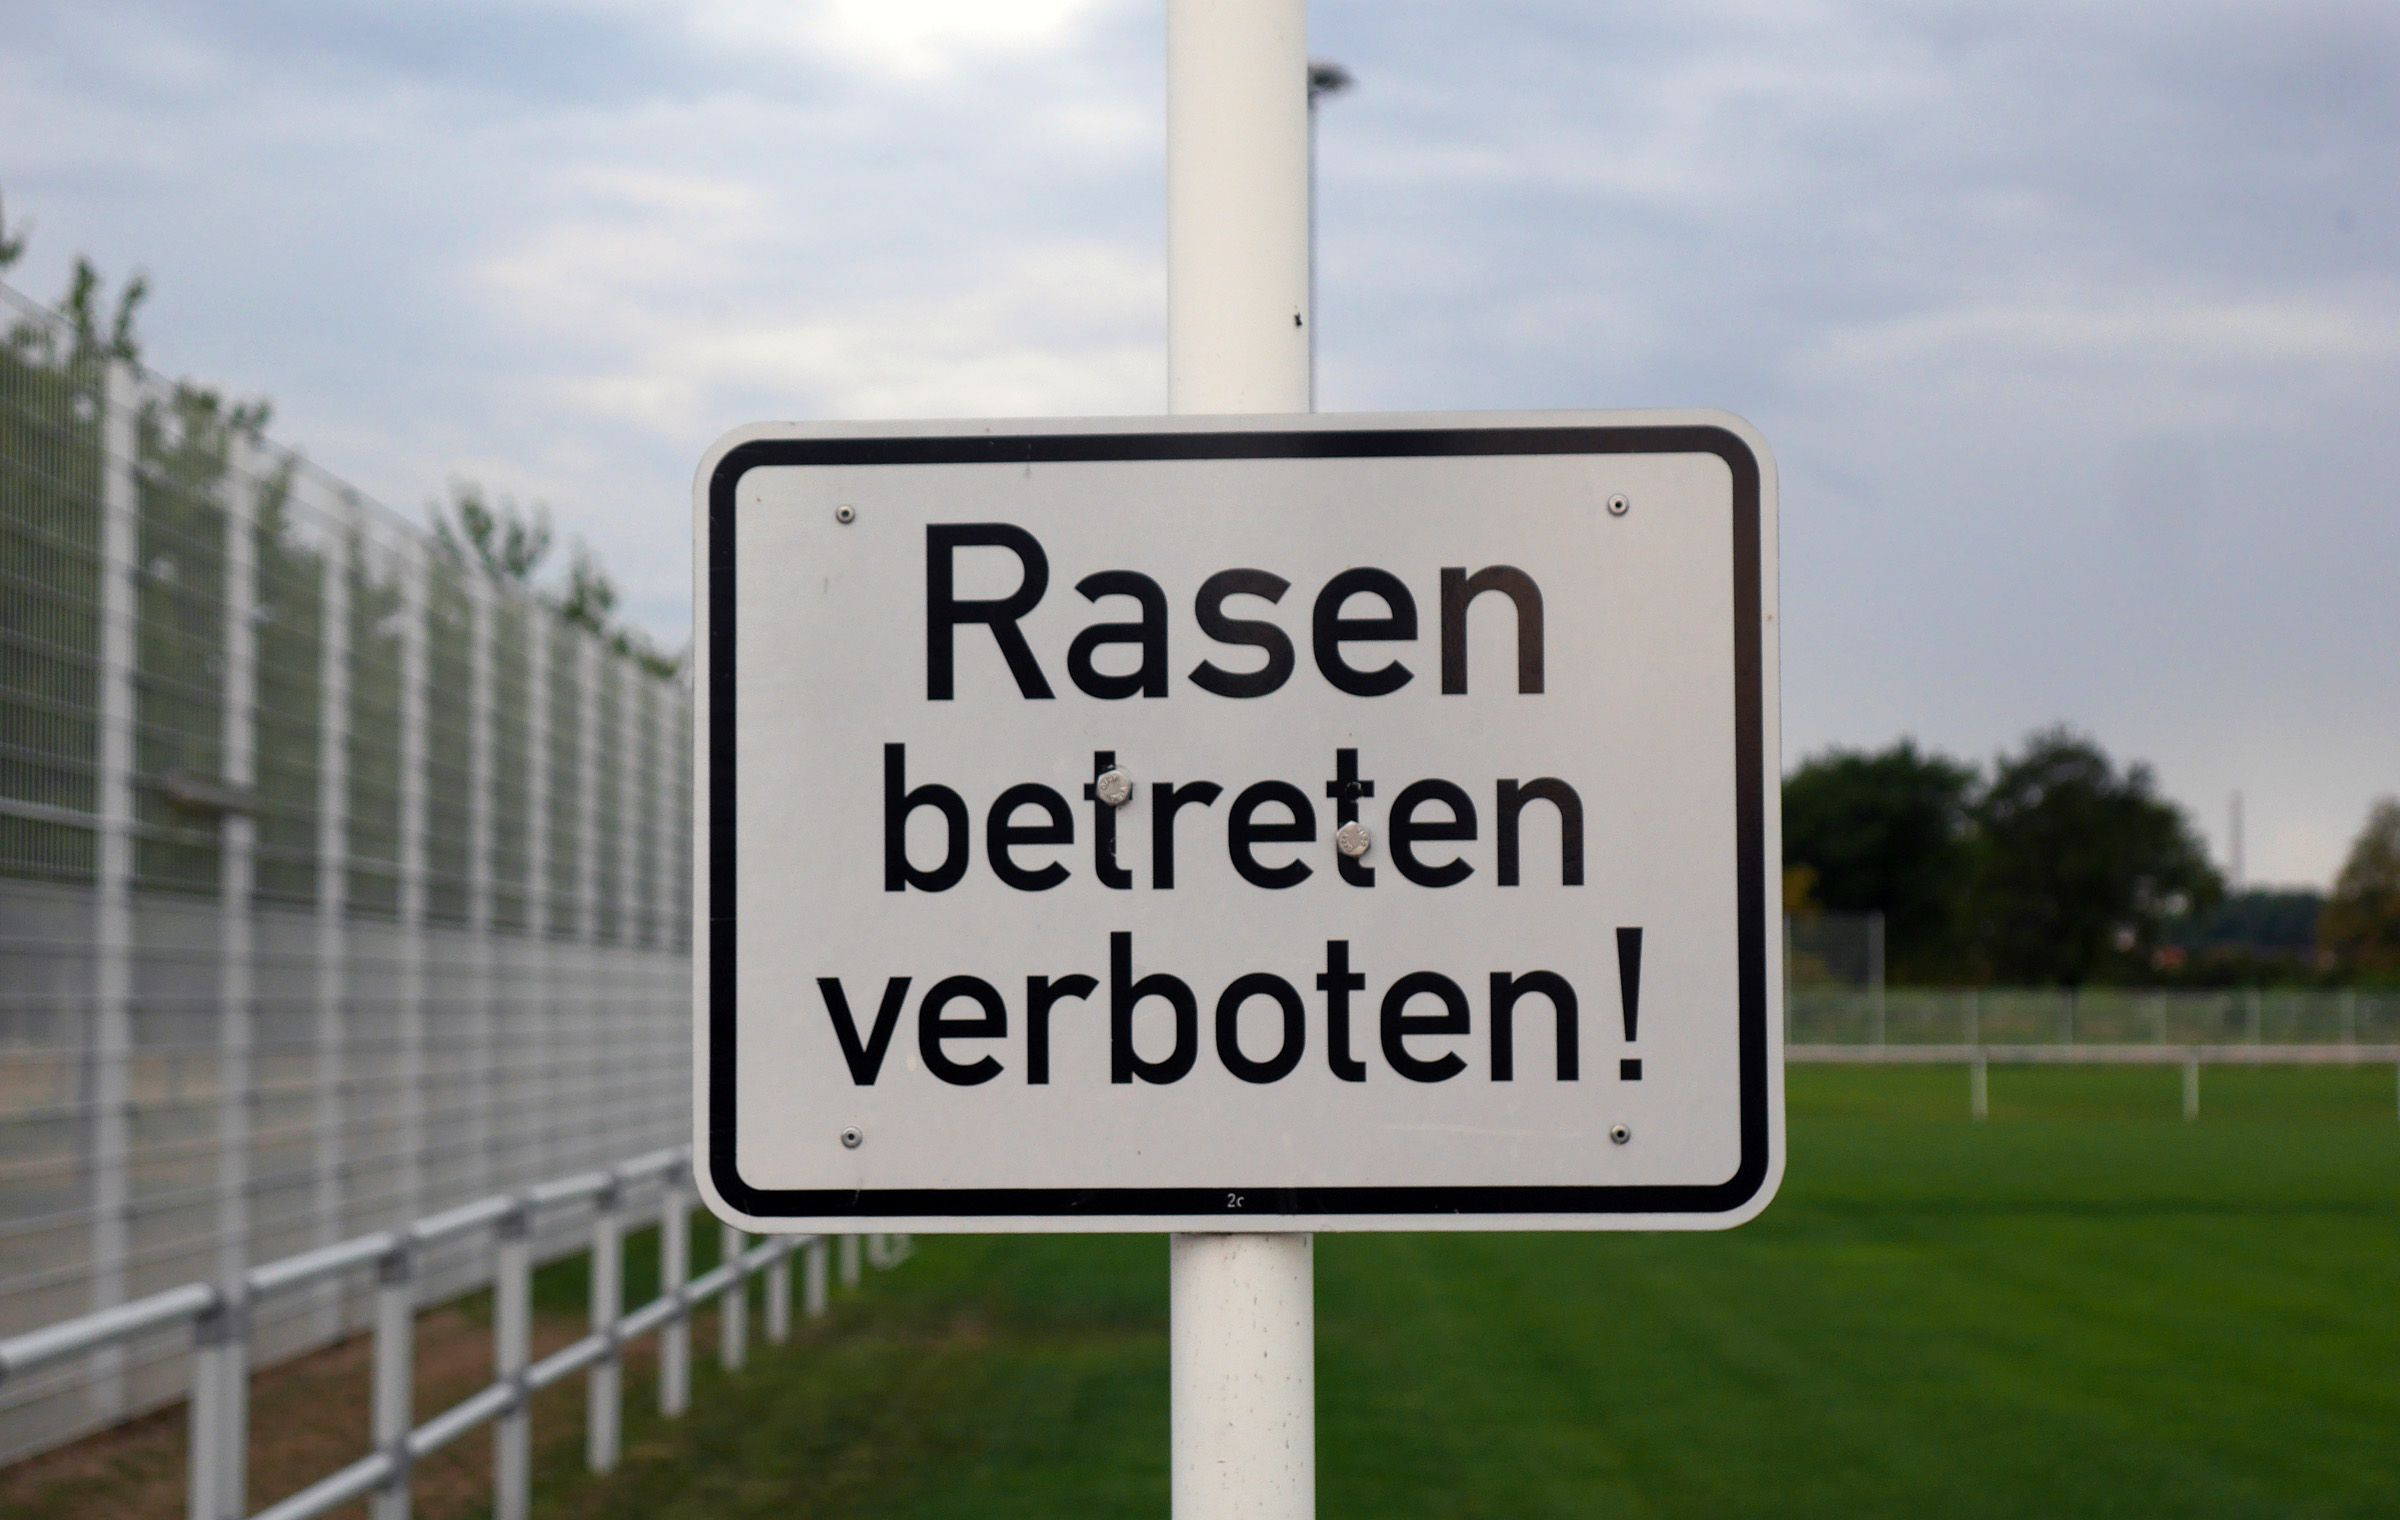 Verboten!